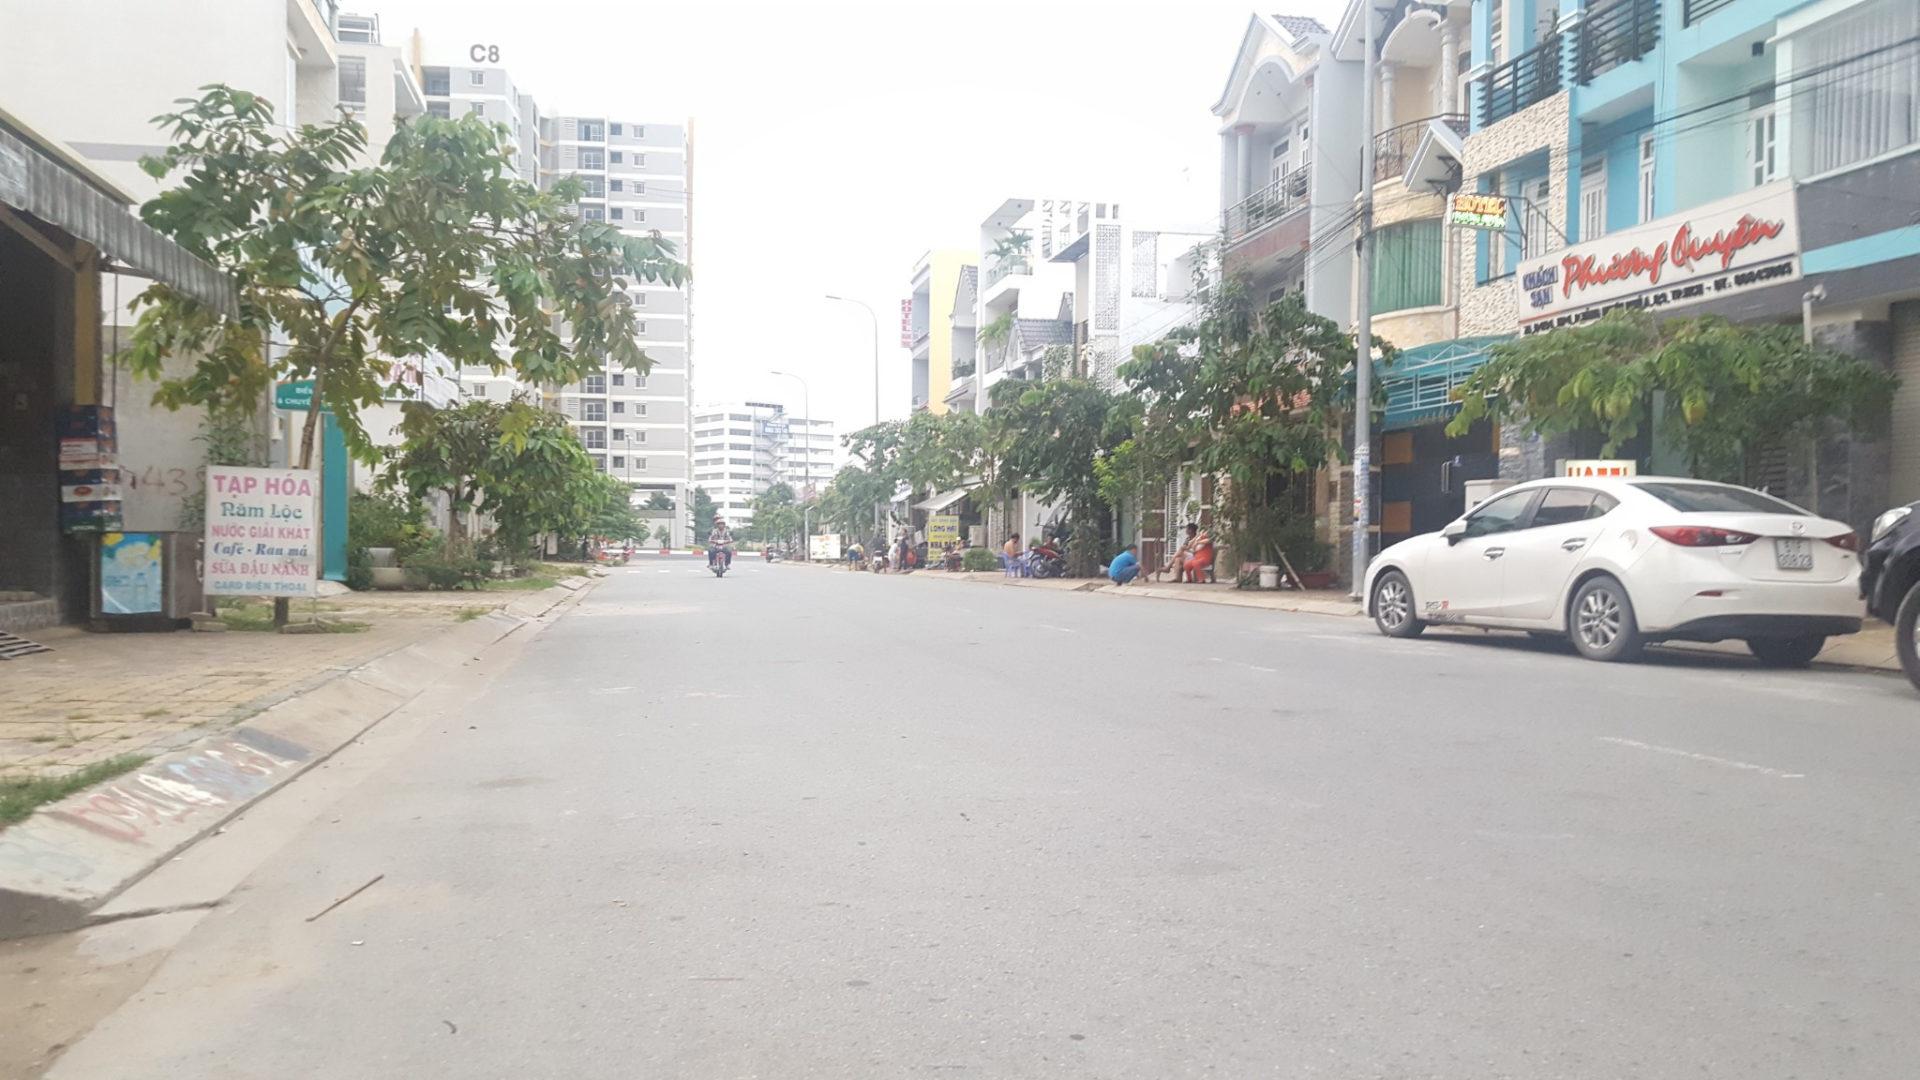 Đất Mặt Tiền Quận 9 Đường 494 Tăng Nhơn Phú A, Khu Trung Tâm Quận 9, Dân Đông Chỉ 4,3 tỷ Giá Tốt Nhất Thị Trường